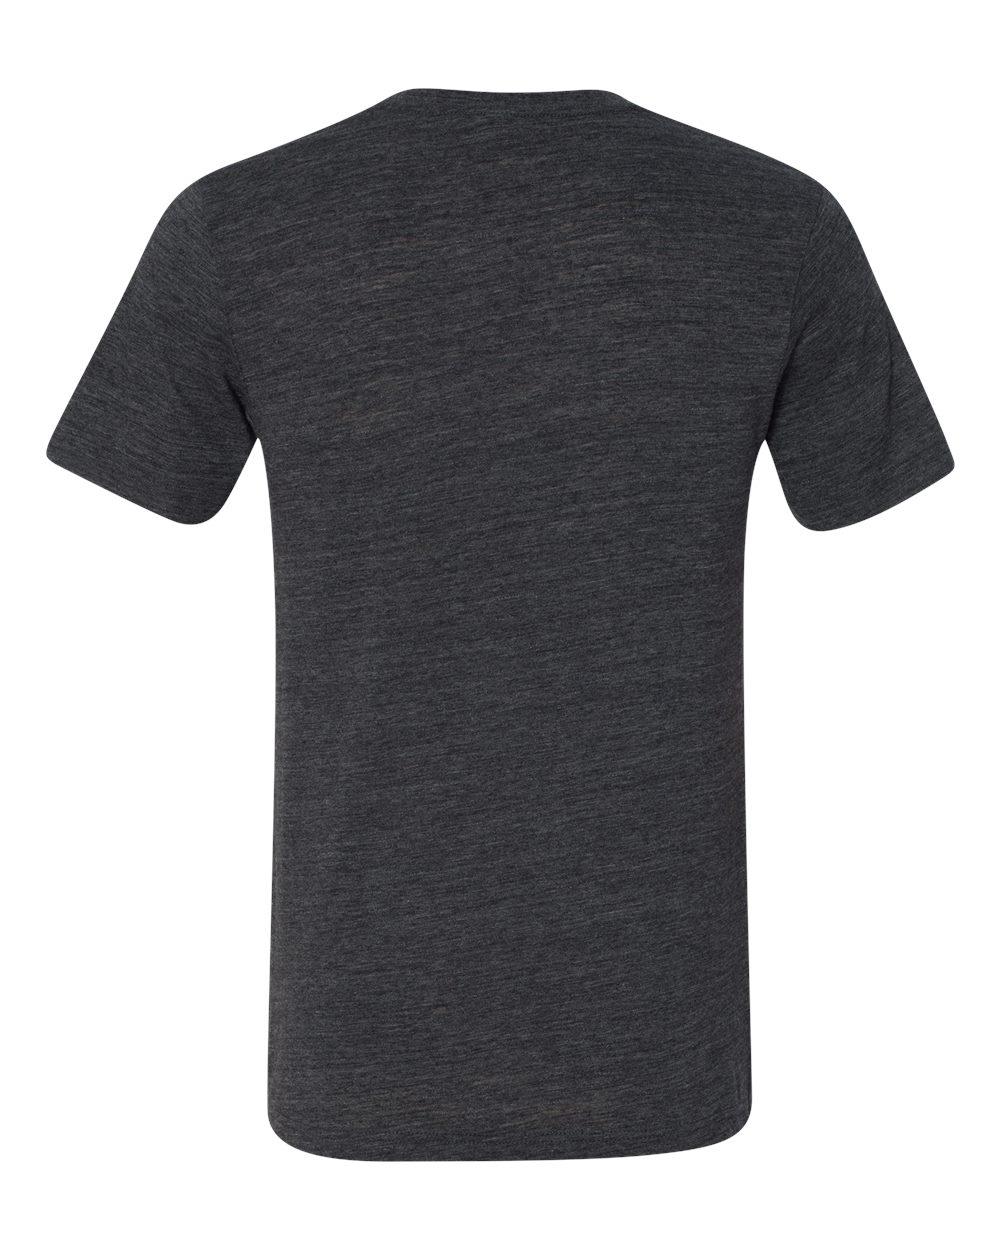 Bella-Canvas-Men-039-s-Jersey-Short-Sleeve-V-Neck-T-Shirt-3005-XS-3XL thumbnail 77